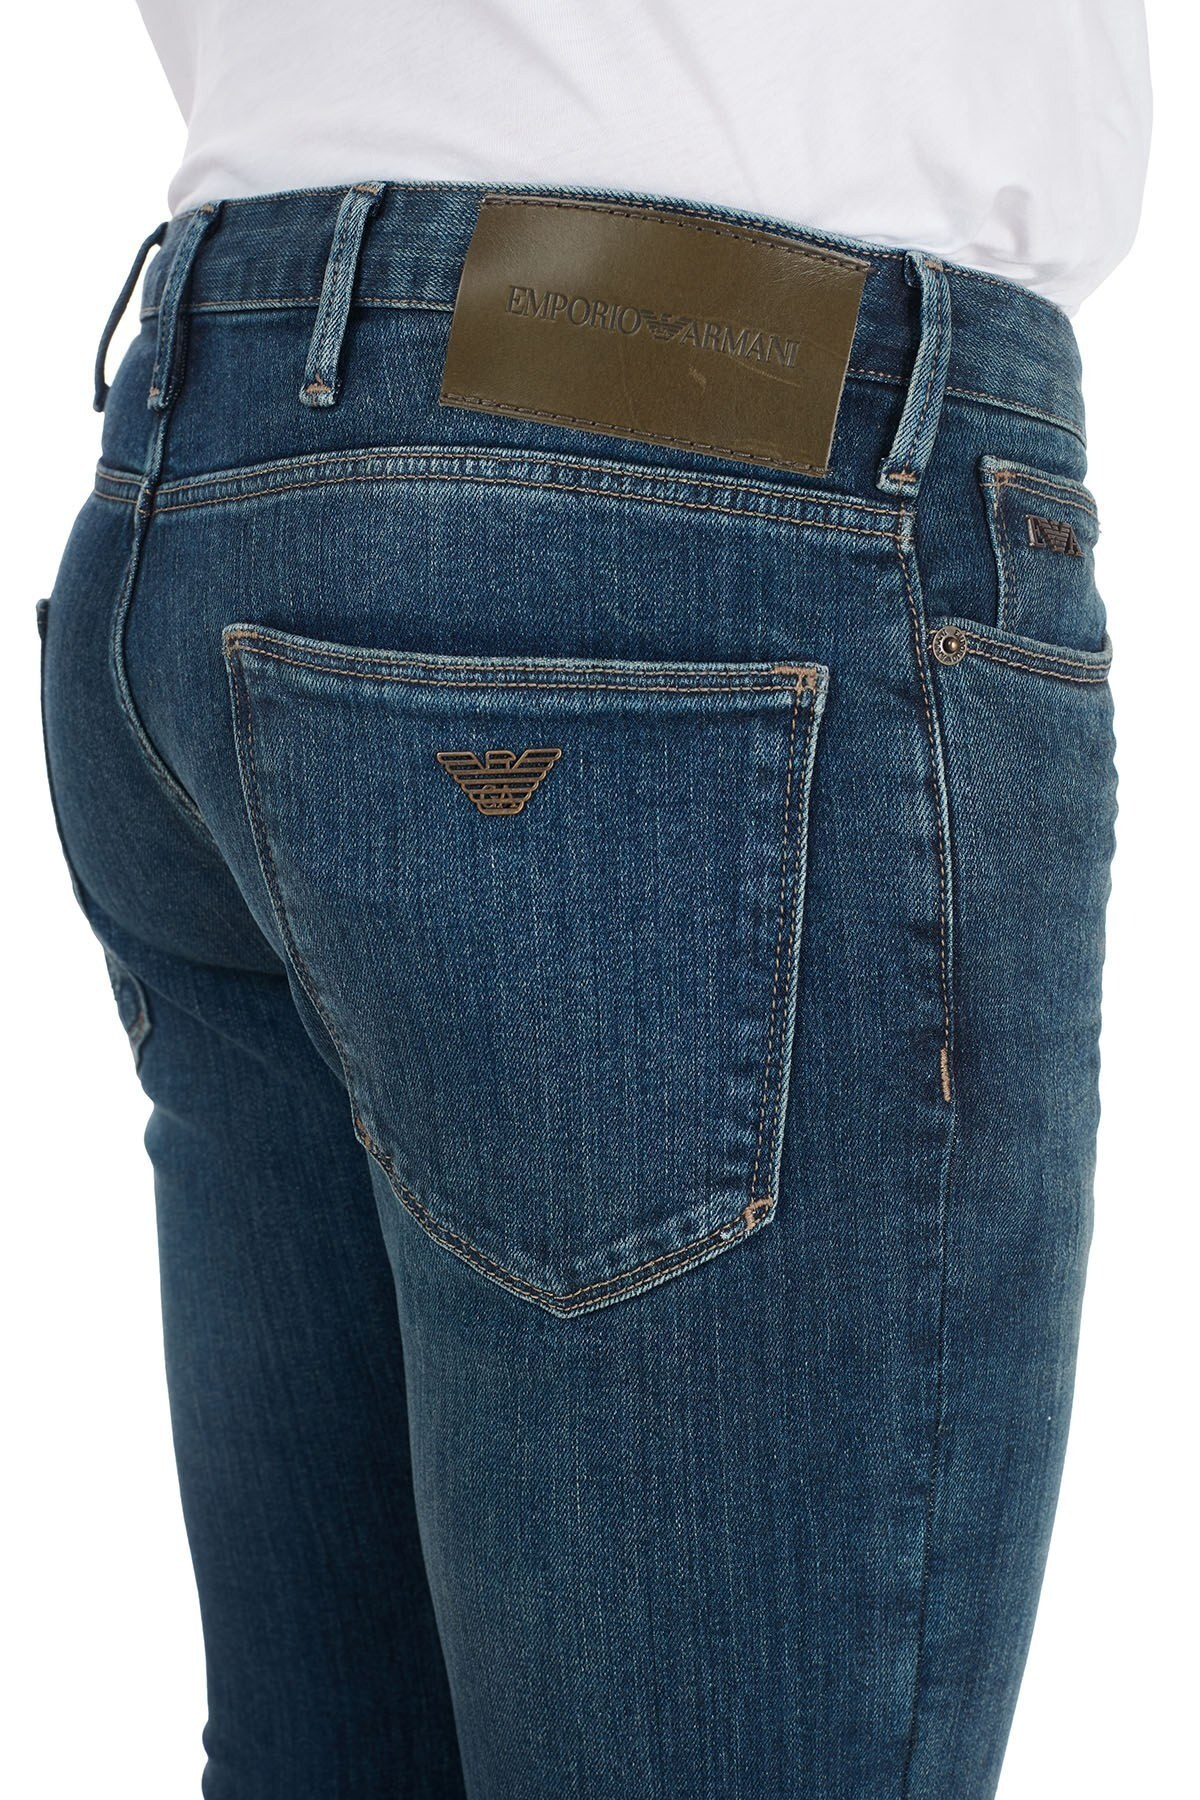 Emporio Armani Slim Fit Pamuklu J06 Jeans Erkek Kot Pantolon 6H1J06 1DR6Z 0942 MAVİ